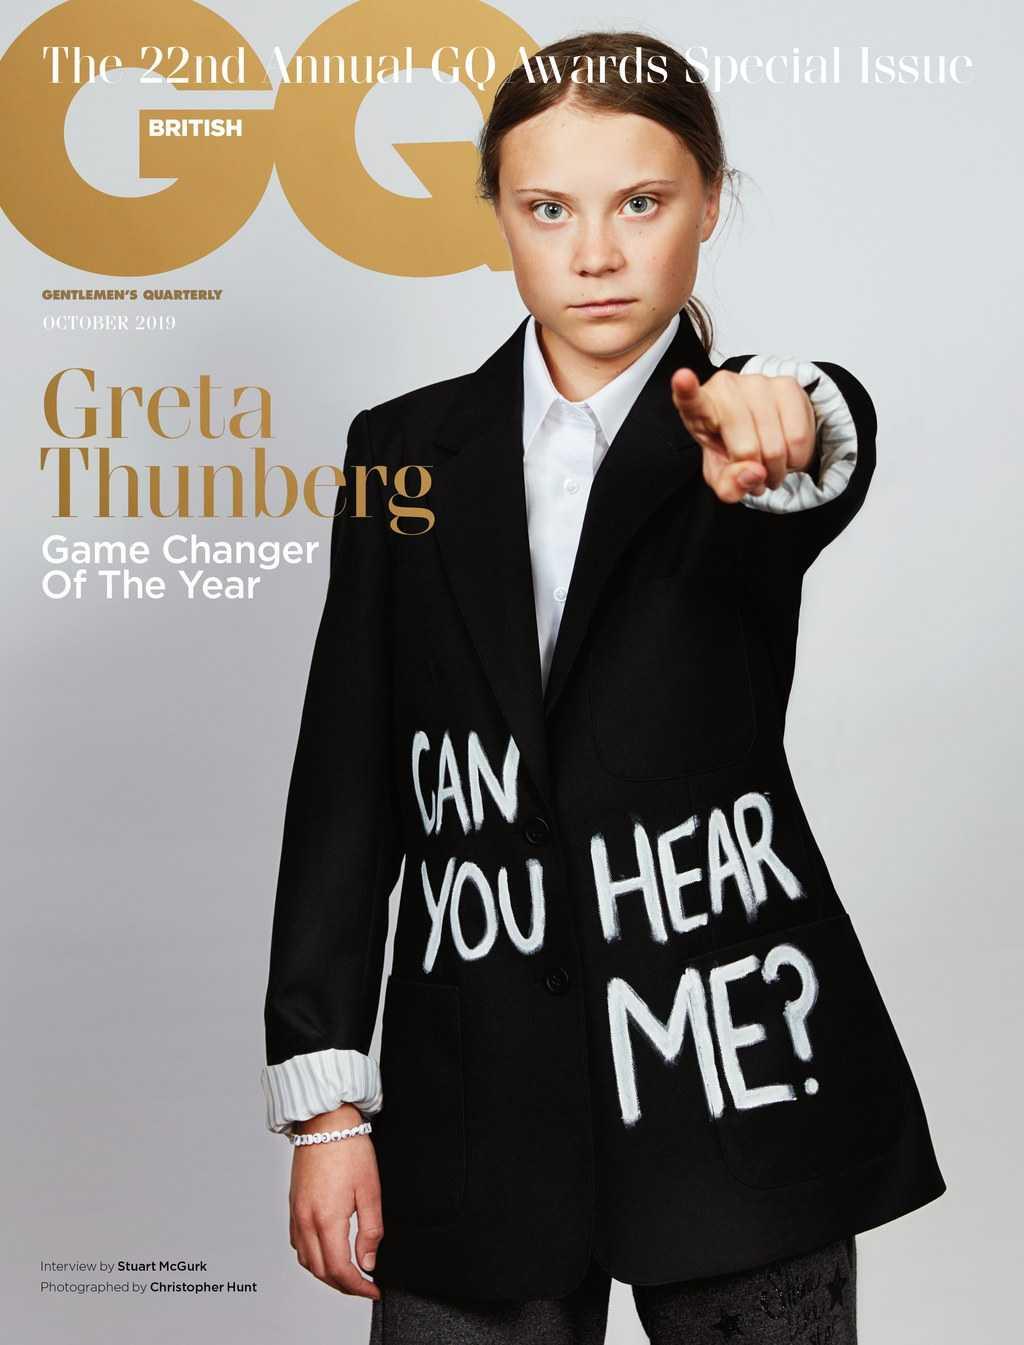 Det är det brittiska specialnumret för oktober månad som tillägnas Greta Thunberg.